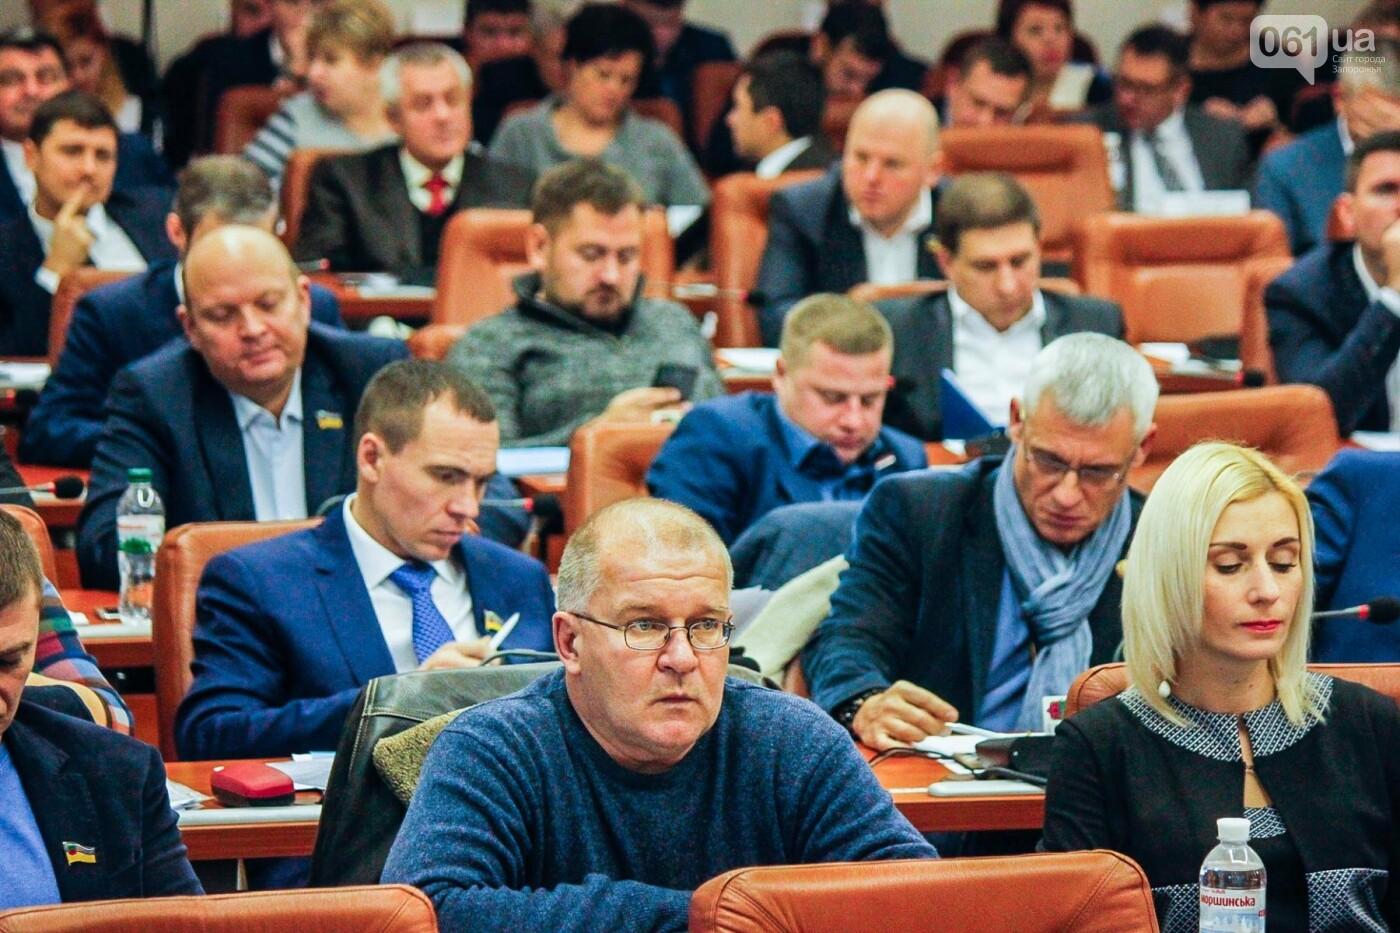 Сессия запорожского горсовета в лицах, - ФОТОРЕПОРТАЖ, фото-70